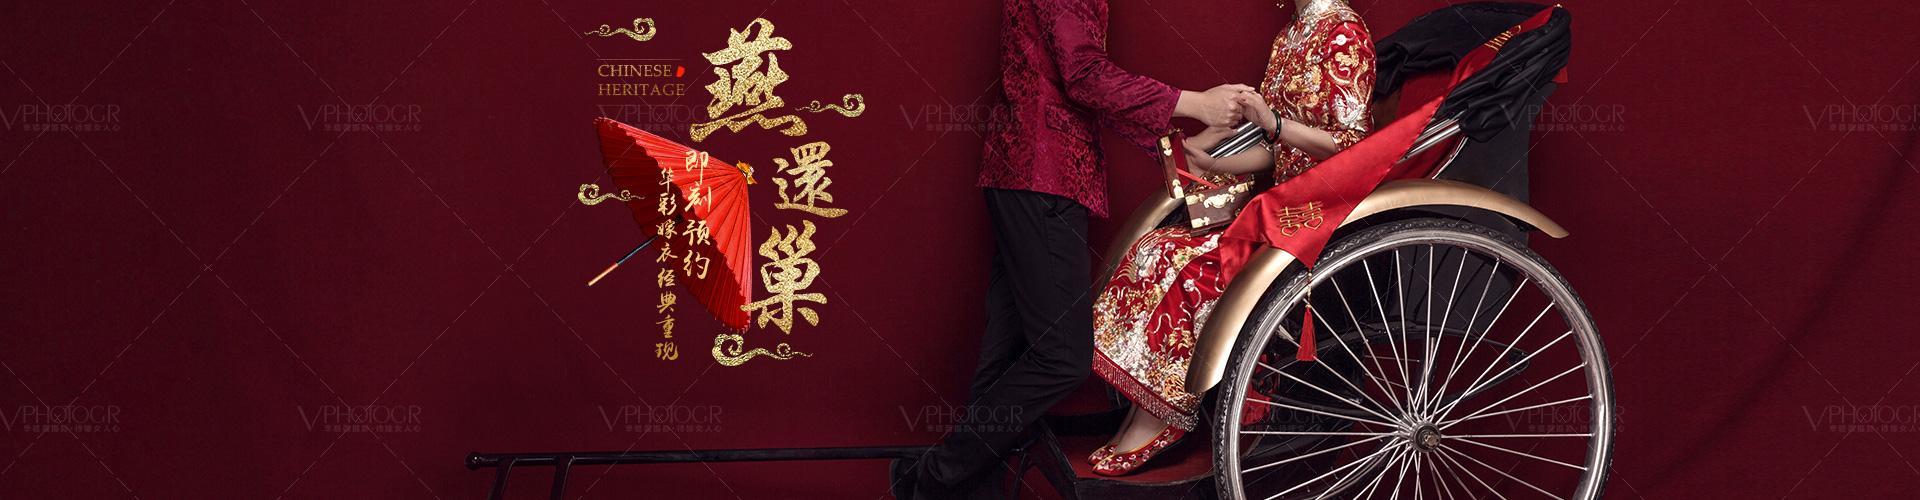 《爱以红色呈现》